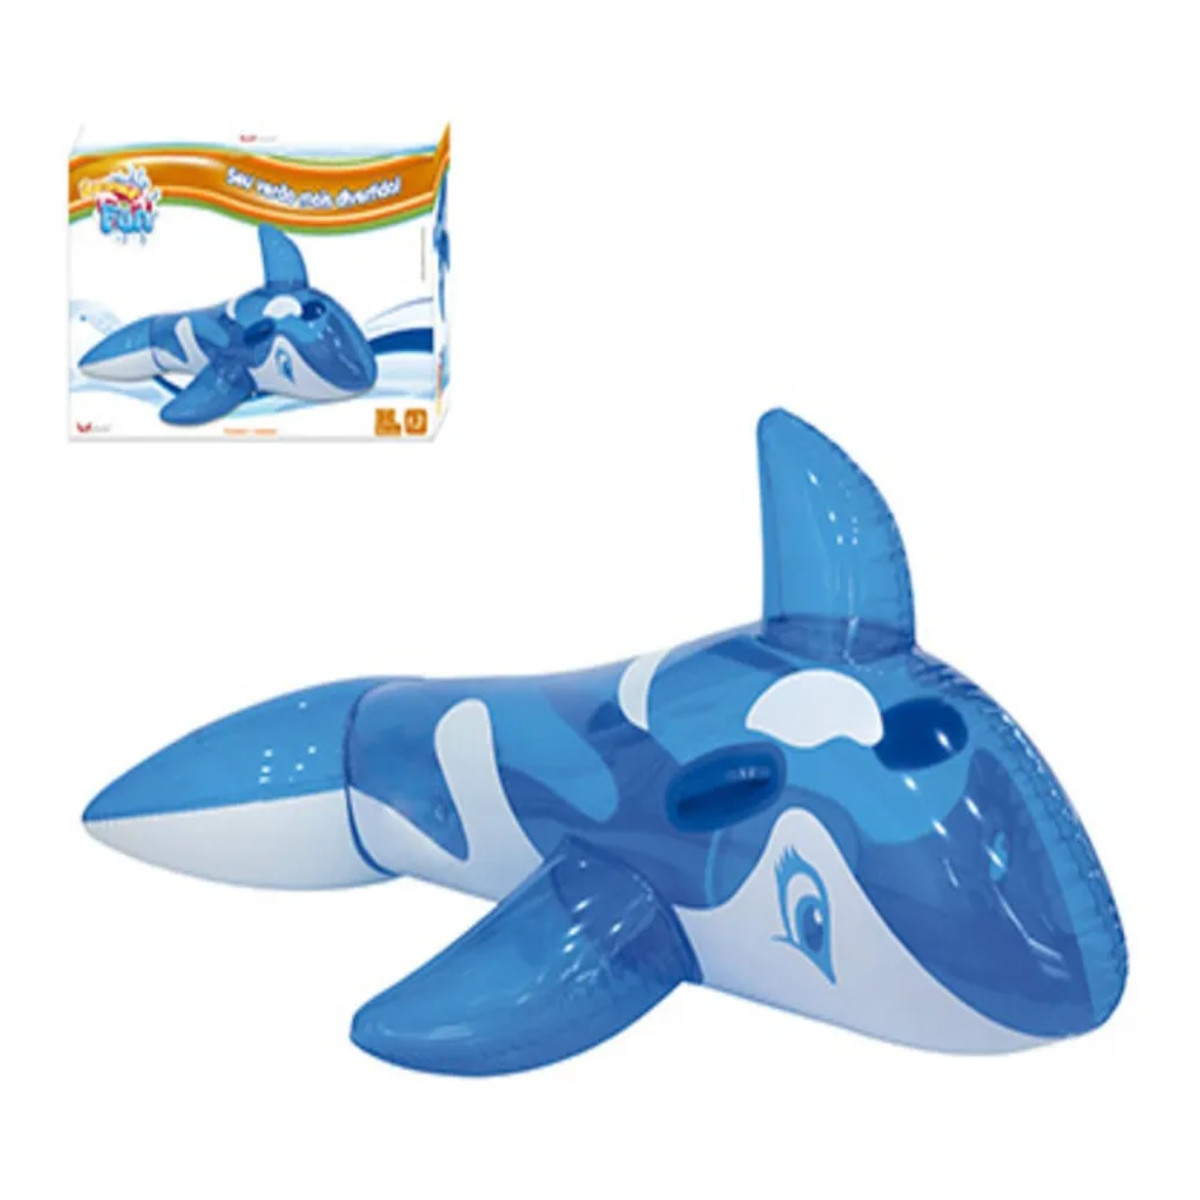 Boia inflável baleia azul